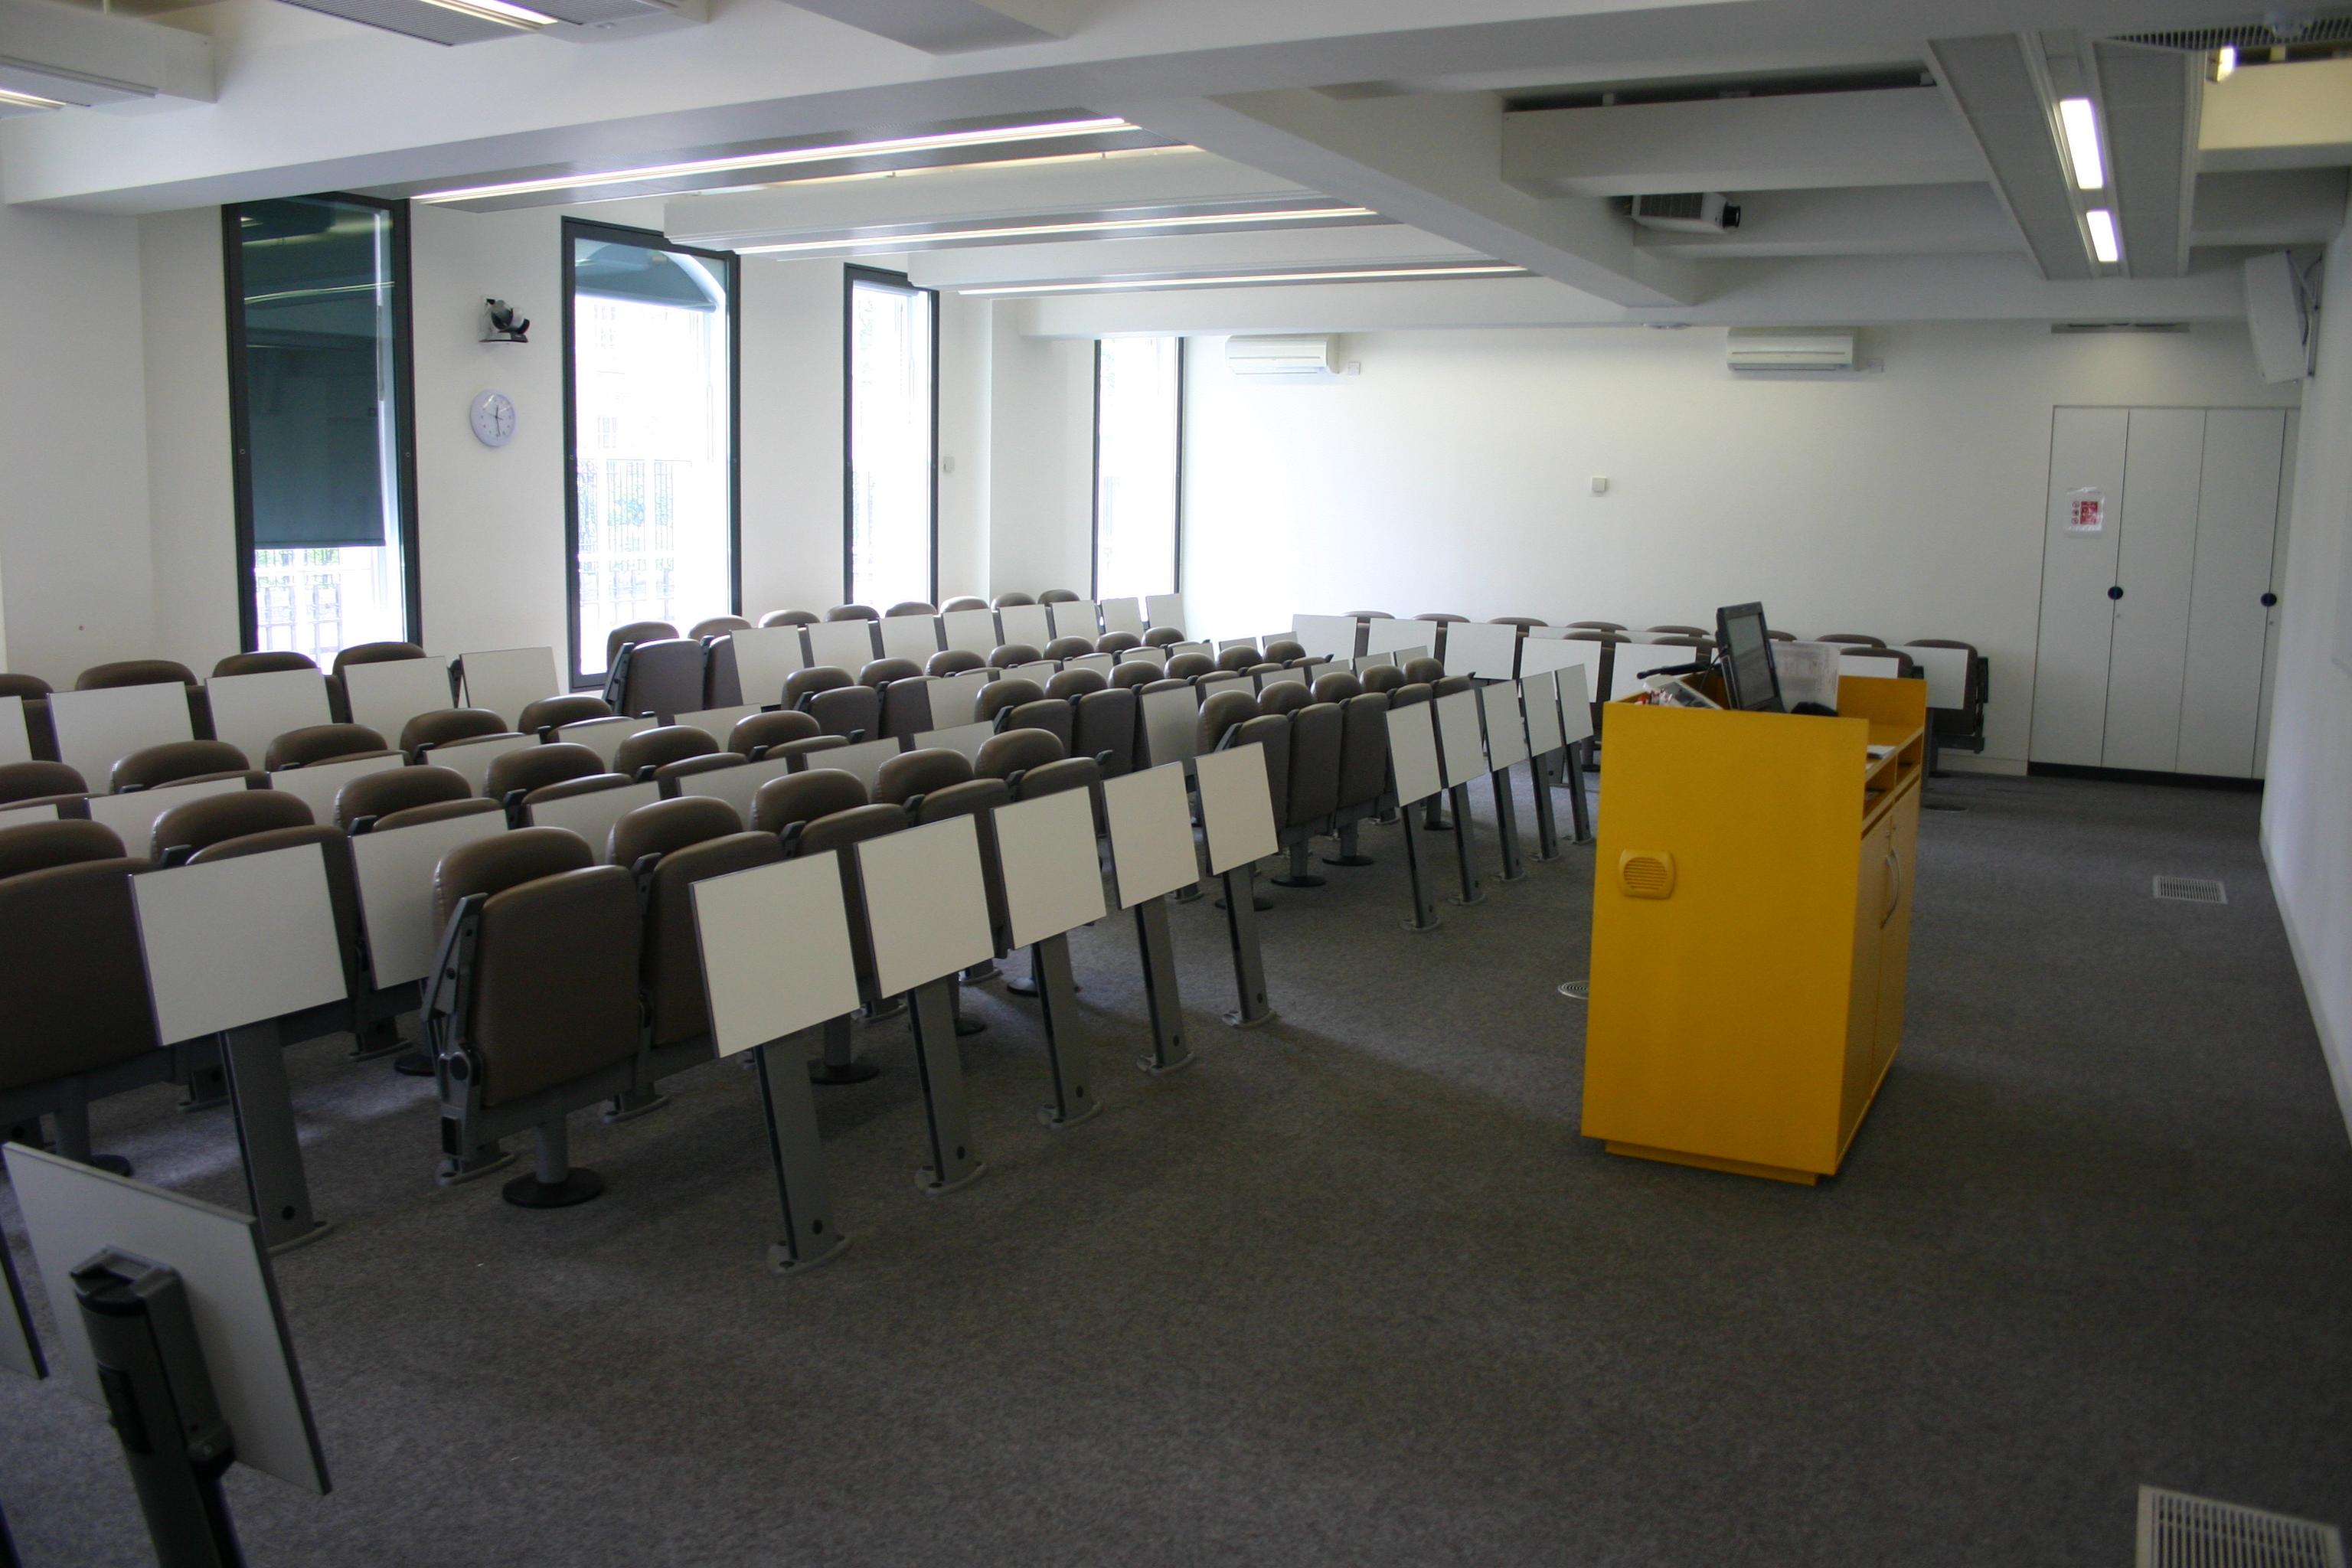 Hultロンドンの教室